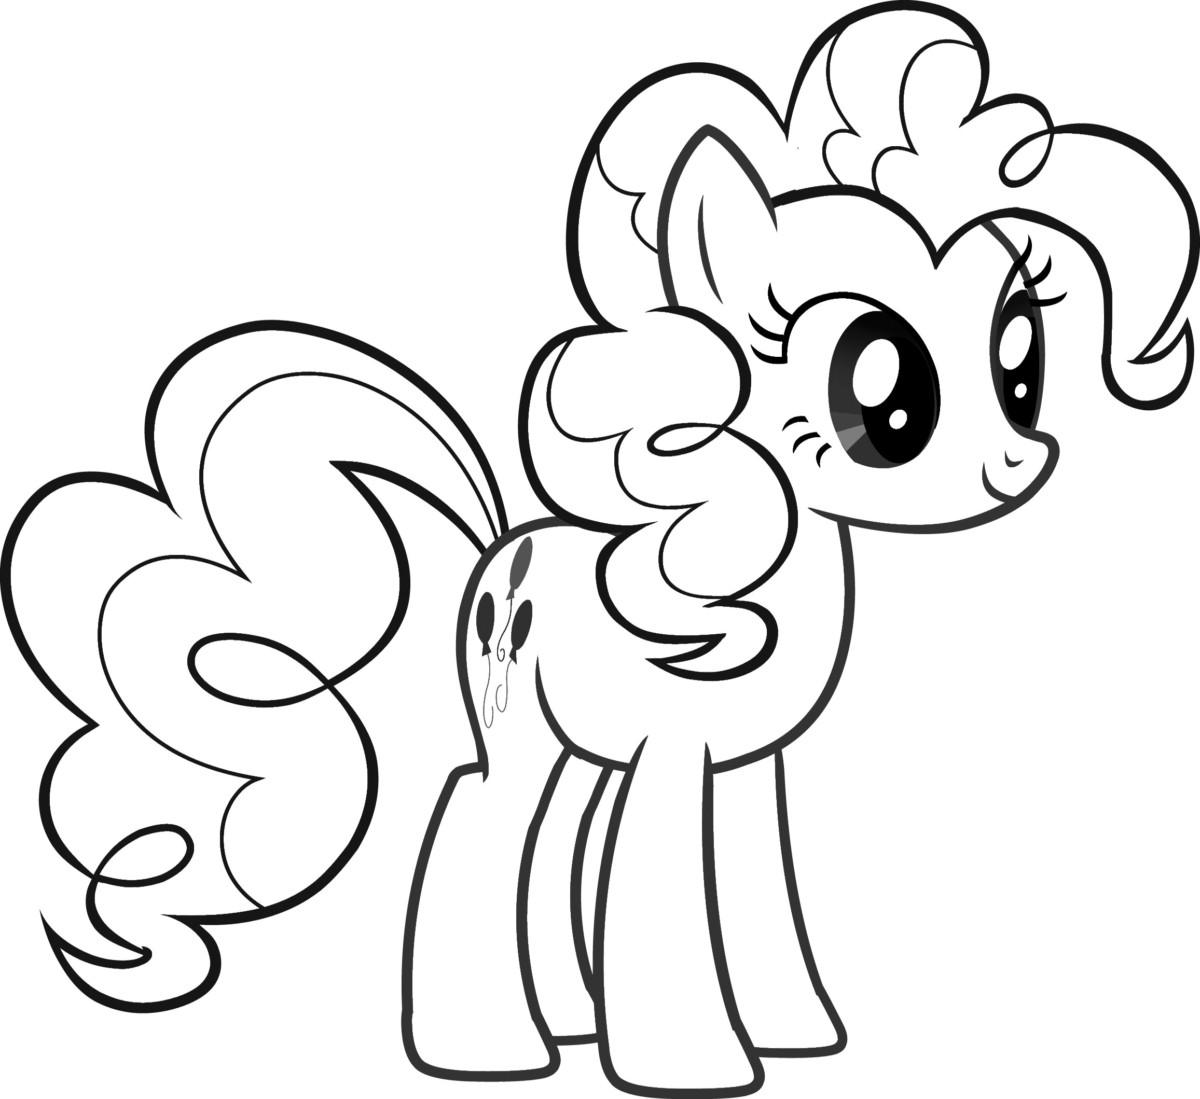 Tải tranh tô màu Pony siêu đáng yêu dành cho bé | Ngựa pony 106